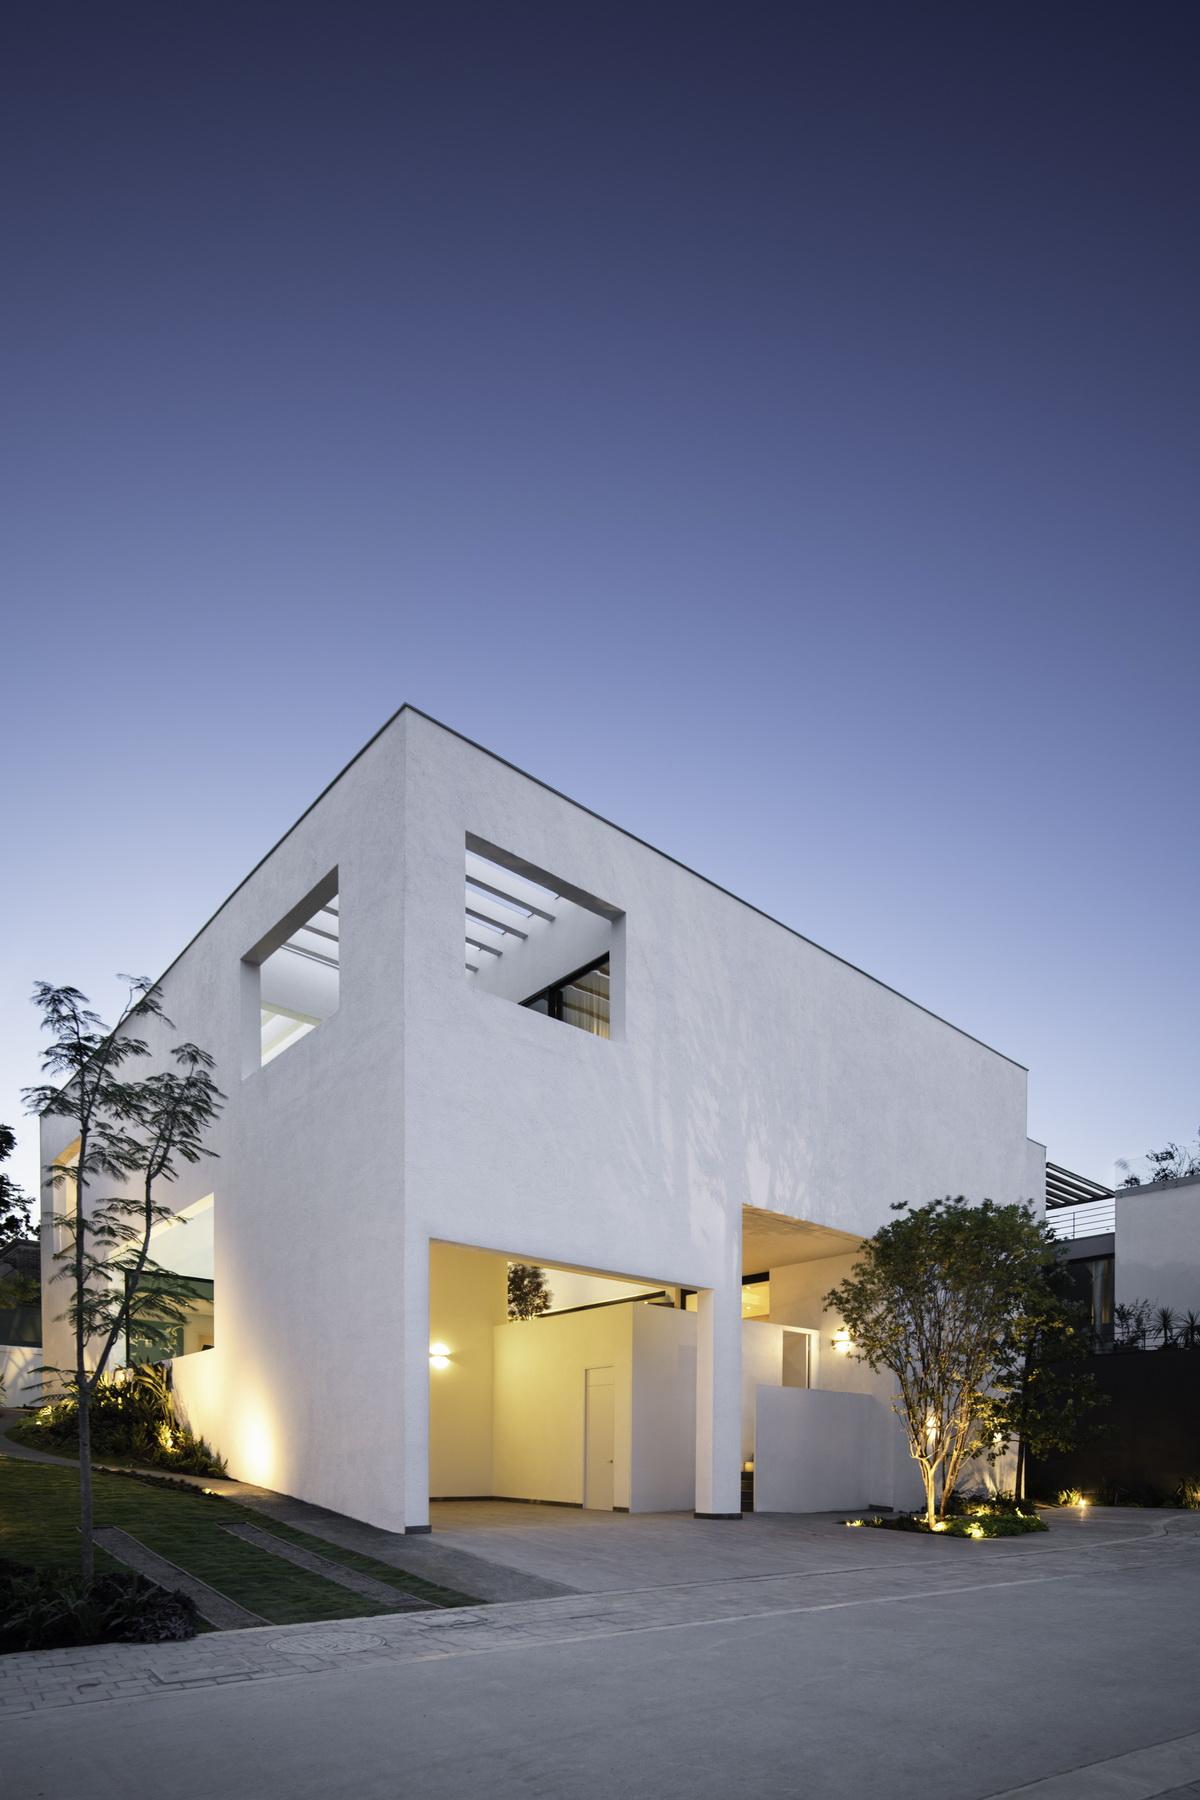 墨西哥Ombra独立住宅建筑设计 / Cadaval & Solà-Morales